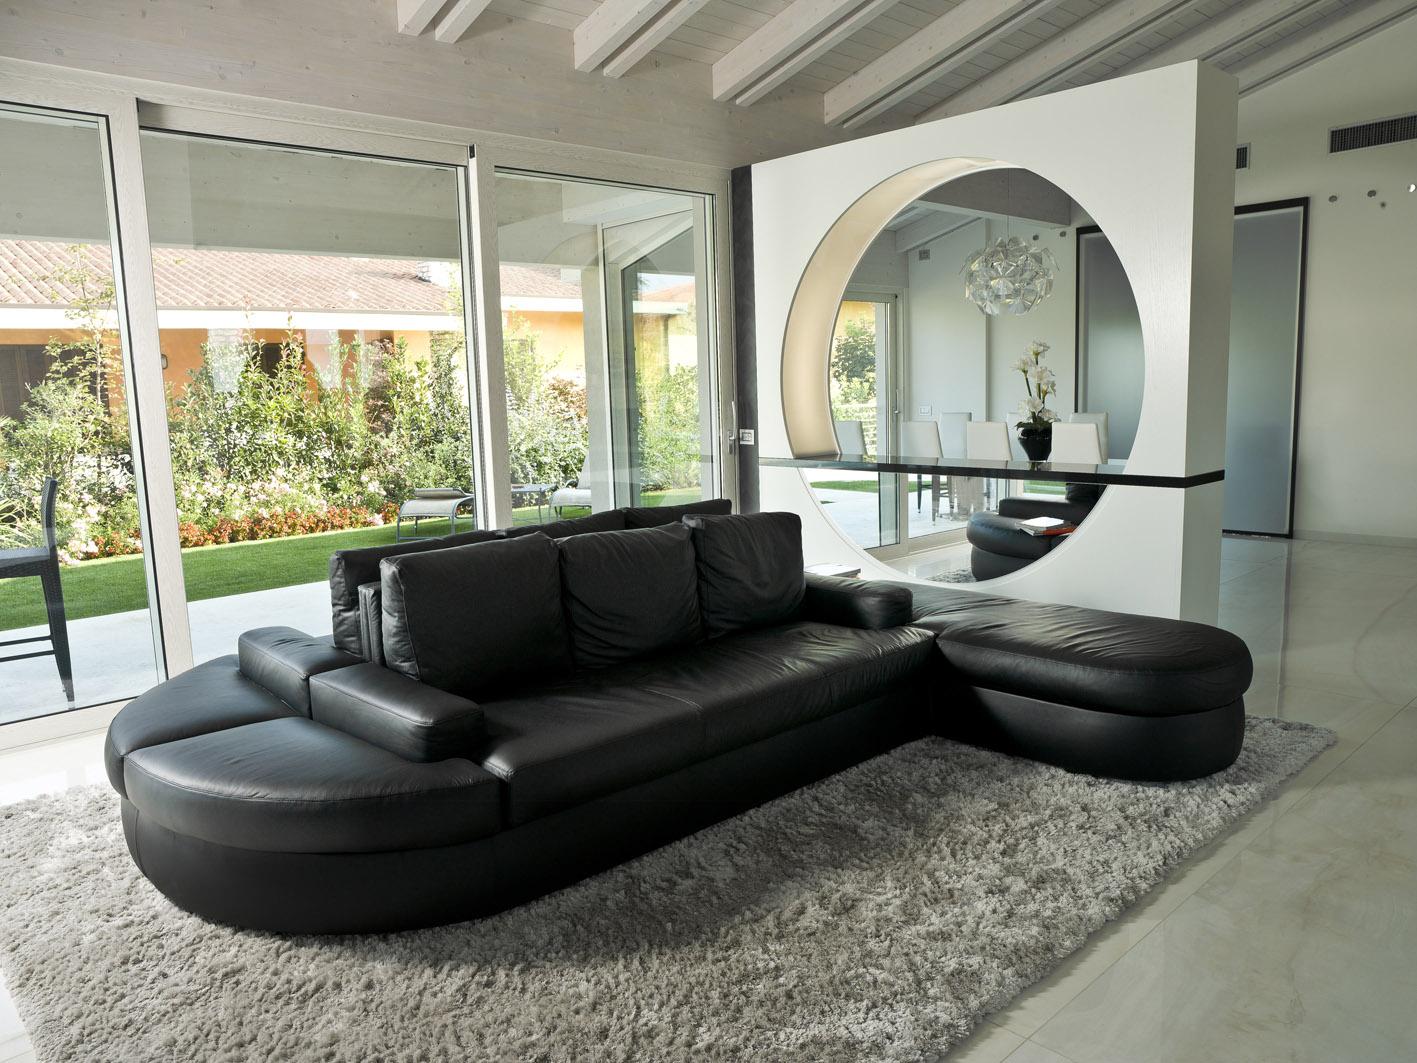 living moderno MG architettura d'interni simone casarotto design divano pelle nero tappeto pelo